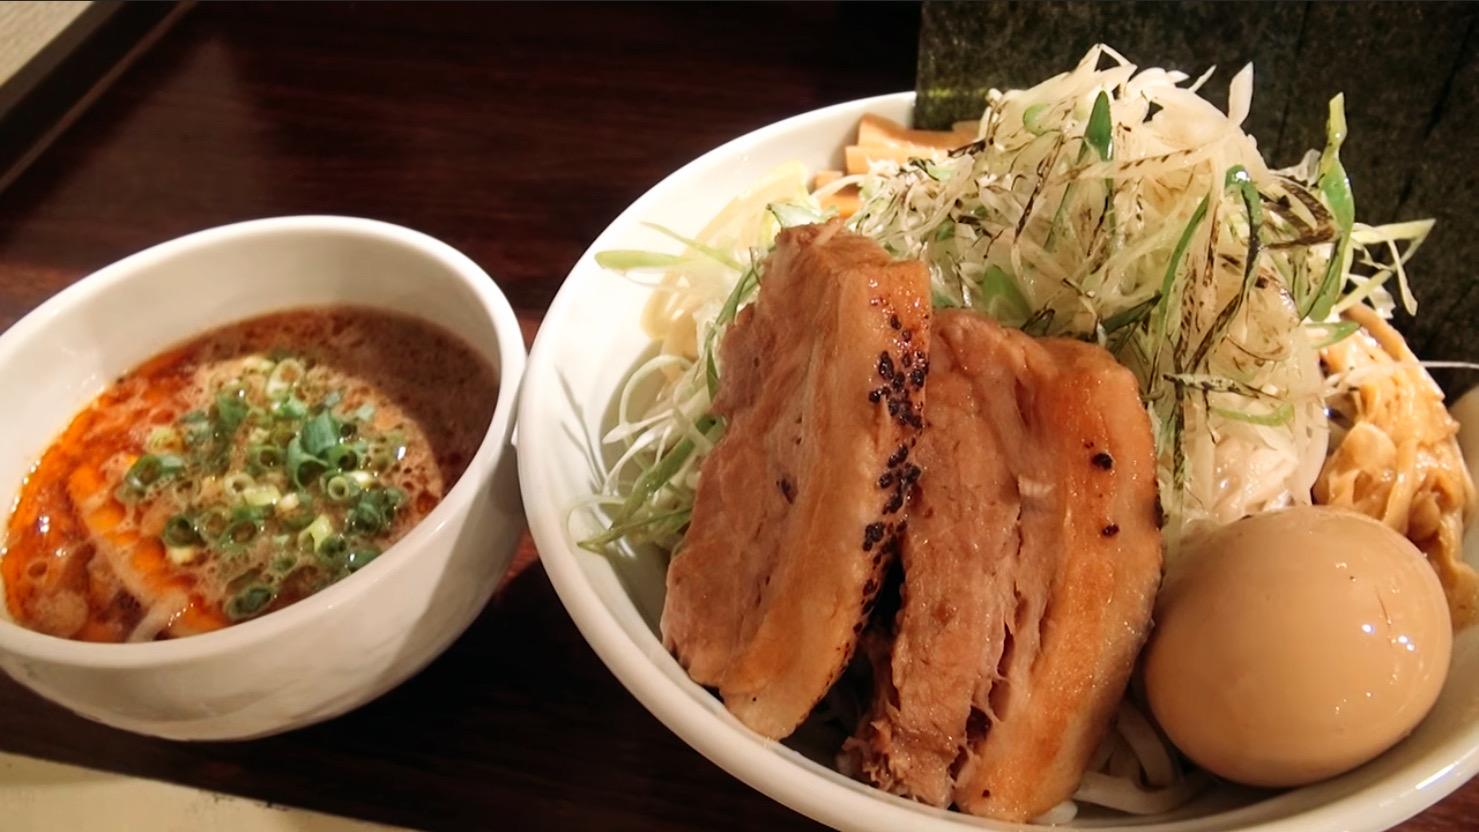 【麺 虎テツ】肉汁鰹つけ麺(特製全部のせ) (東京都多摩市関戸) 第272回